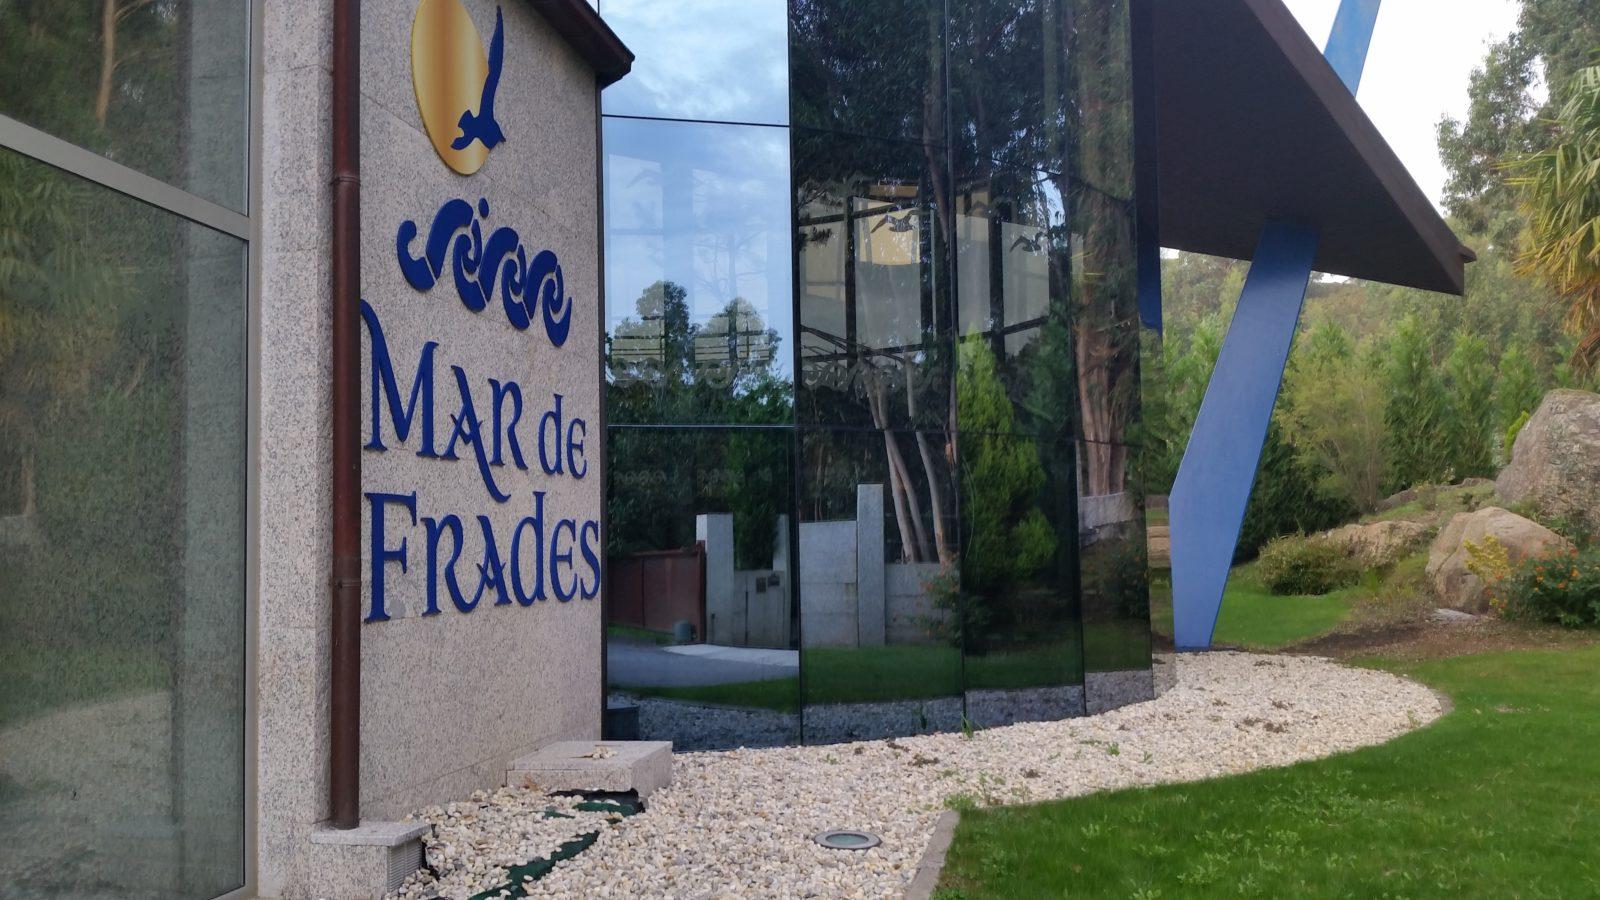 визит в винодельню Мар де Фрадес